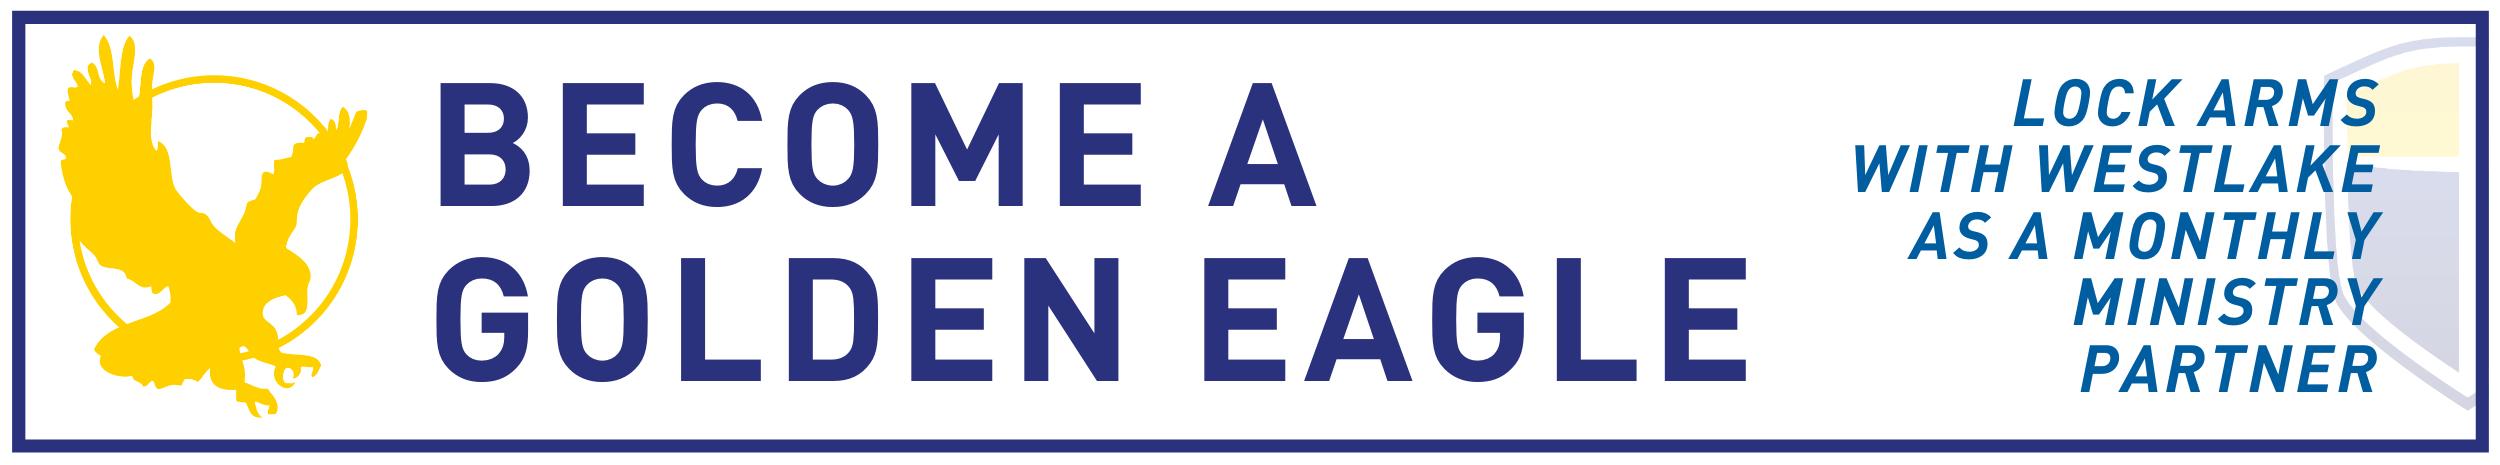 Golden Eagle Drive 2020 Slider